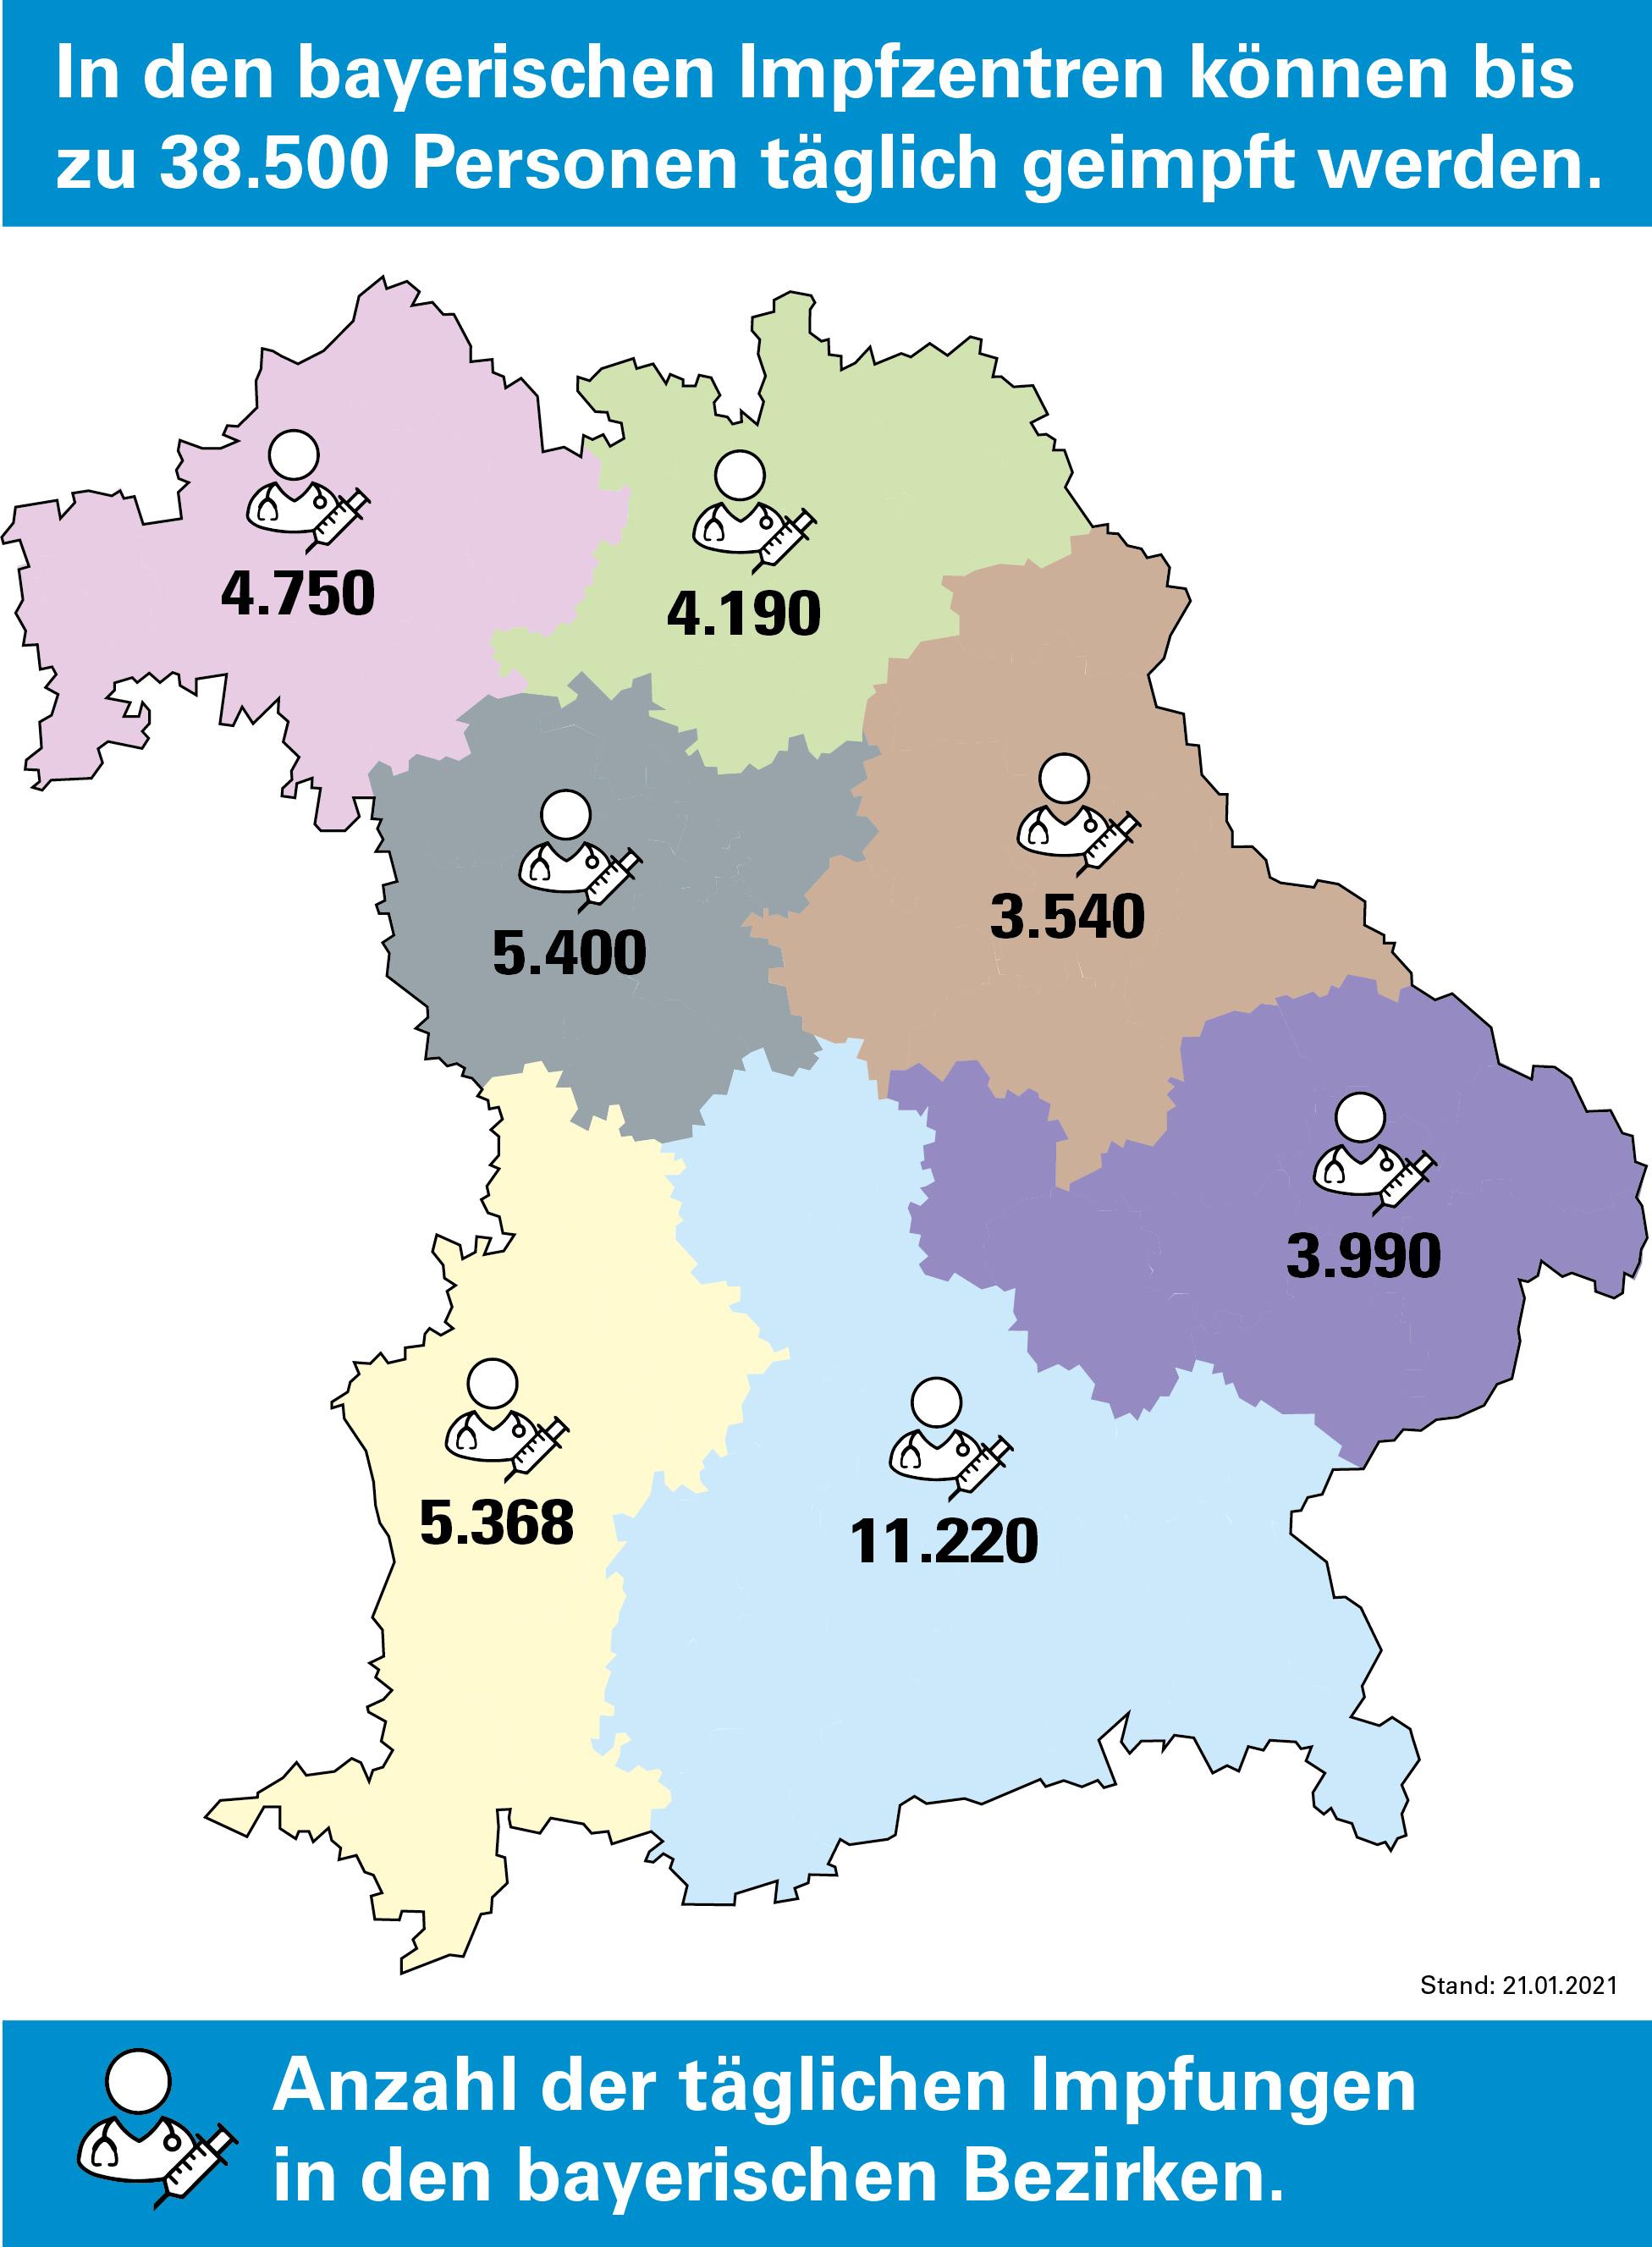 Coronavirus Impfung Bayerisches Staatsministerium Fur Gesundheit Und Pflege